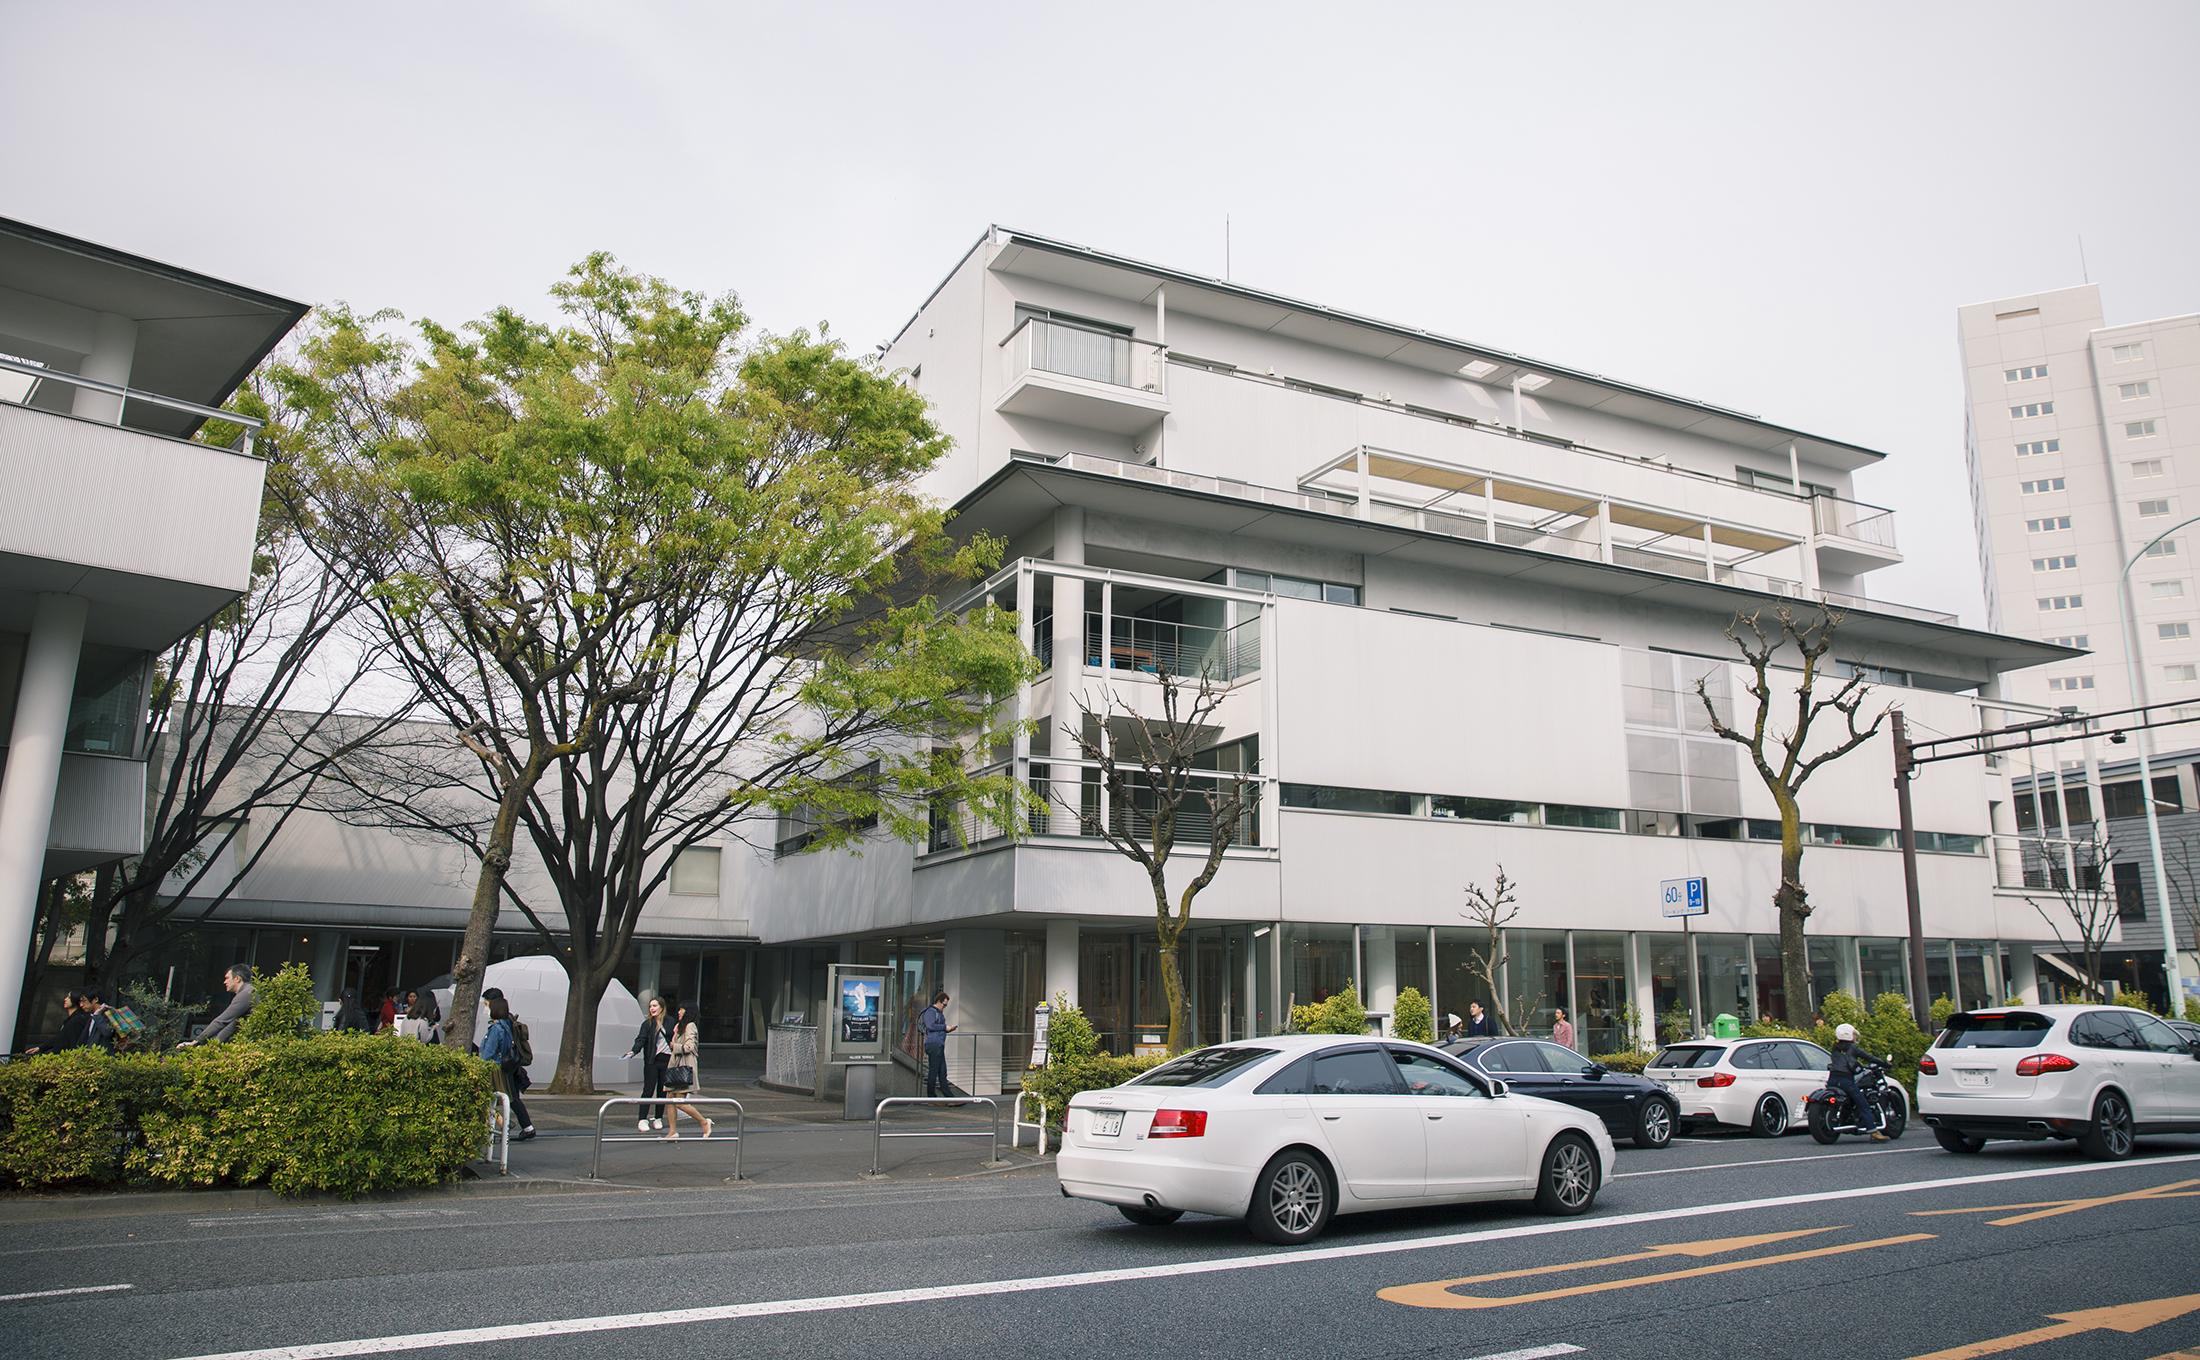 Daikanyama Hillside Terrace Things To Do In Daikanyama